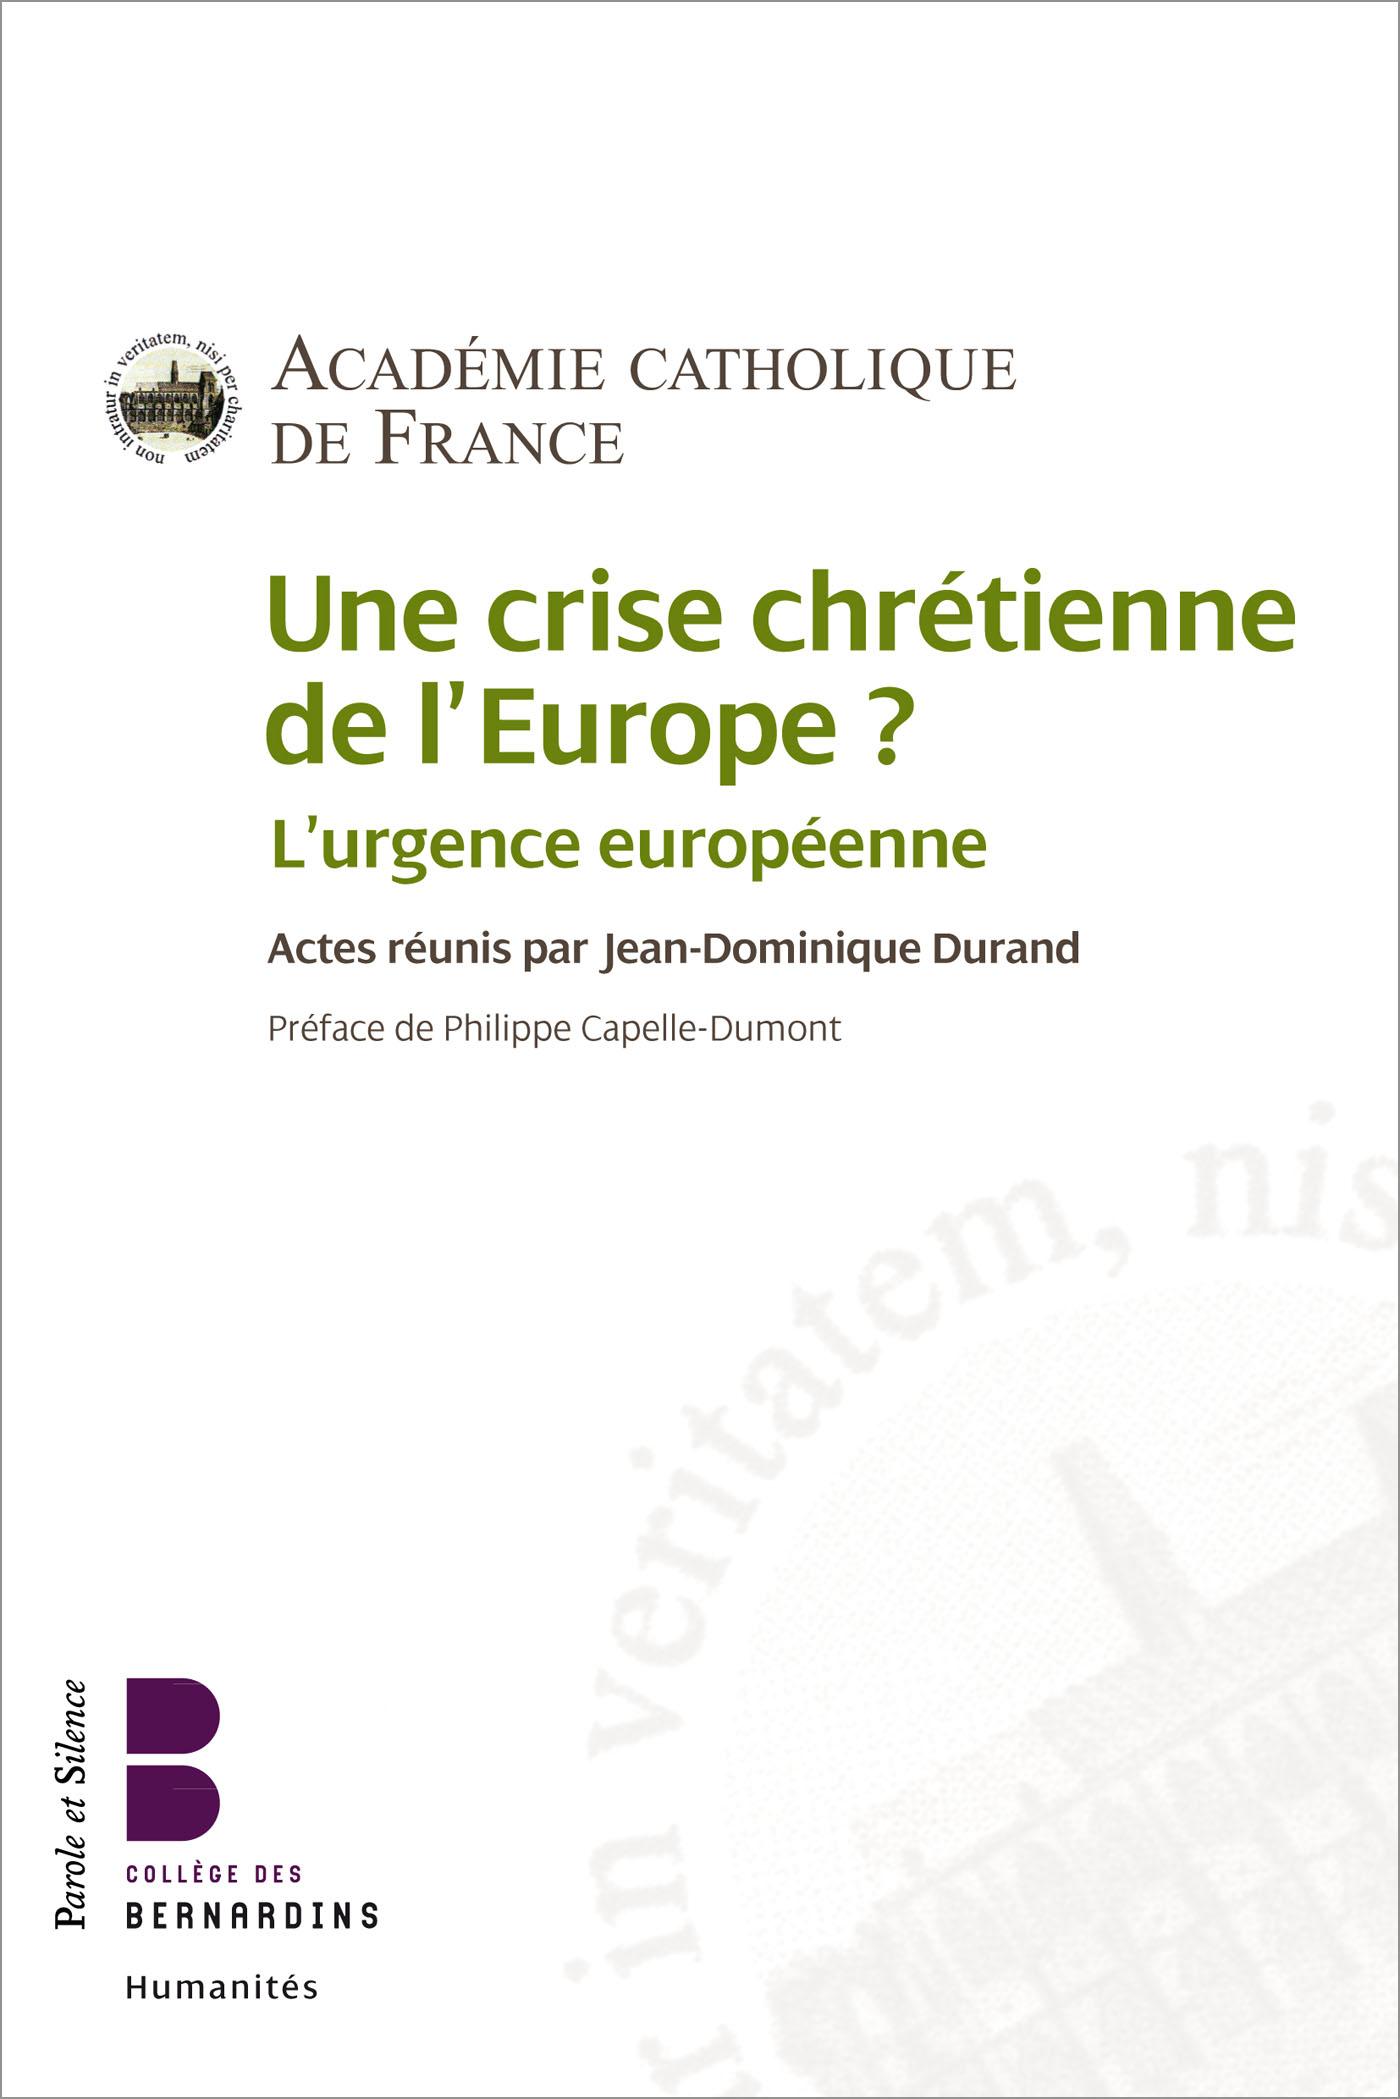 Une crise chrétienne de l'Europe ?